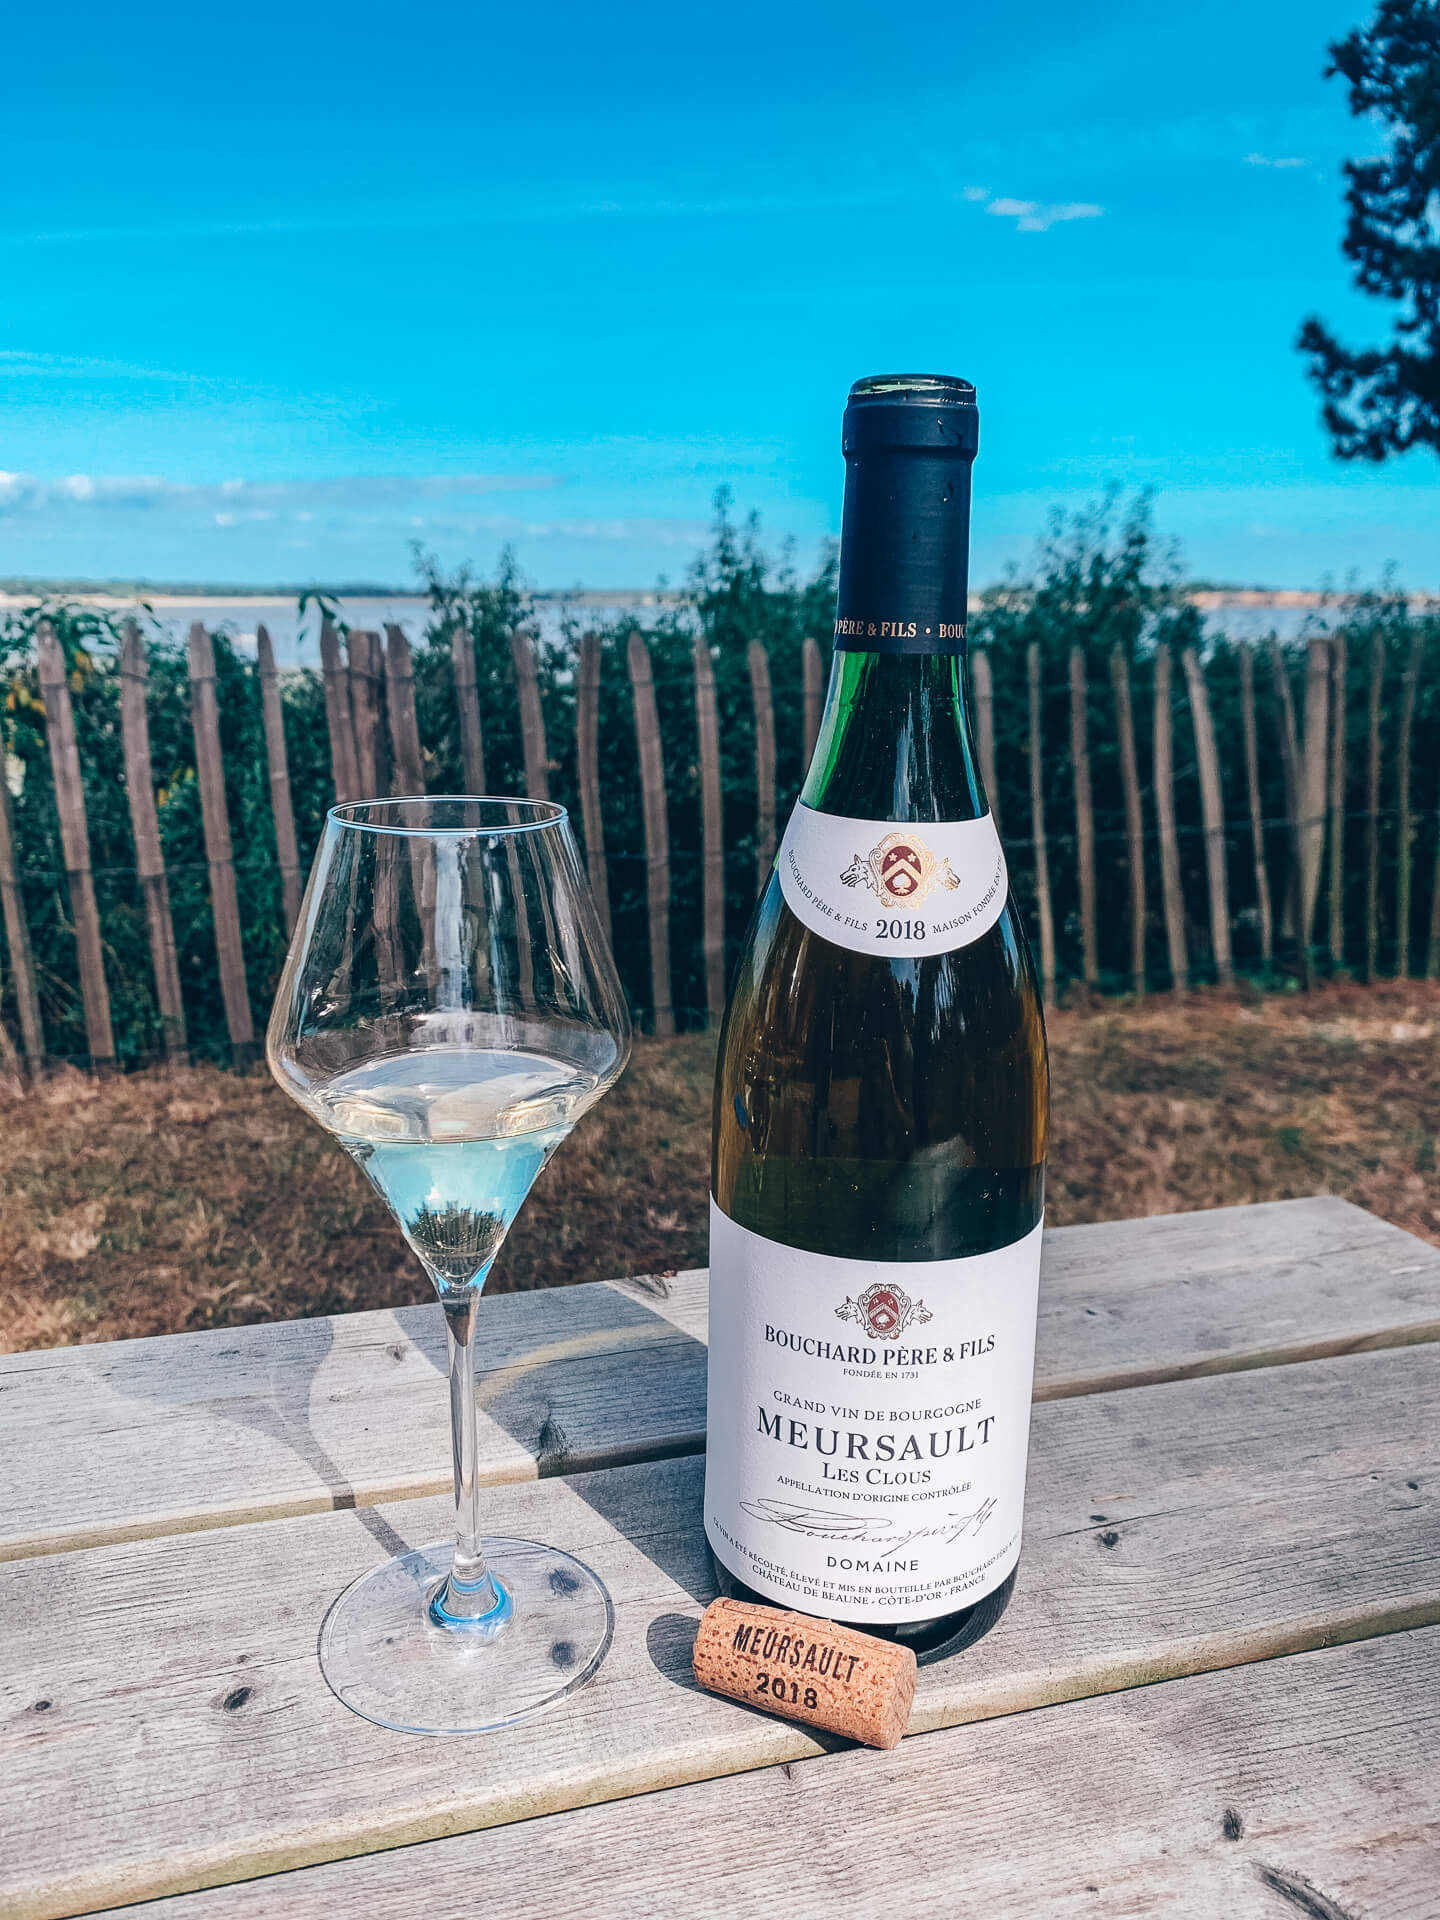 Meursault Bourgogne